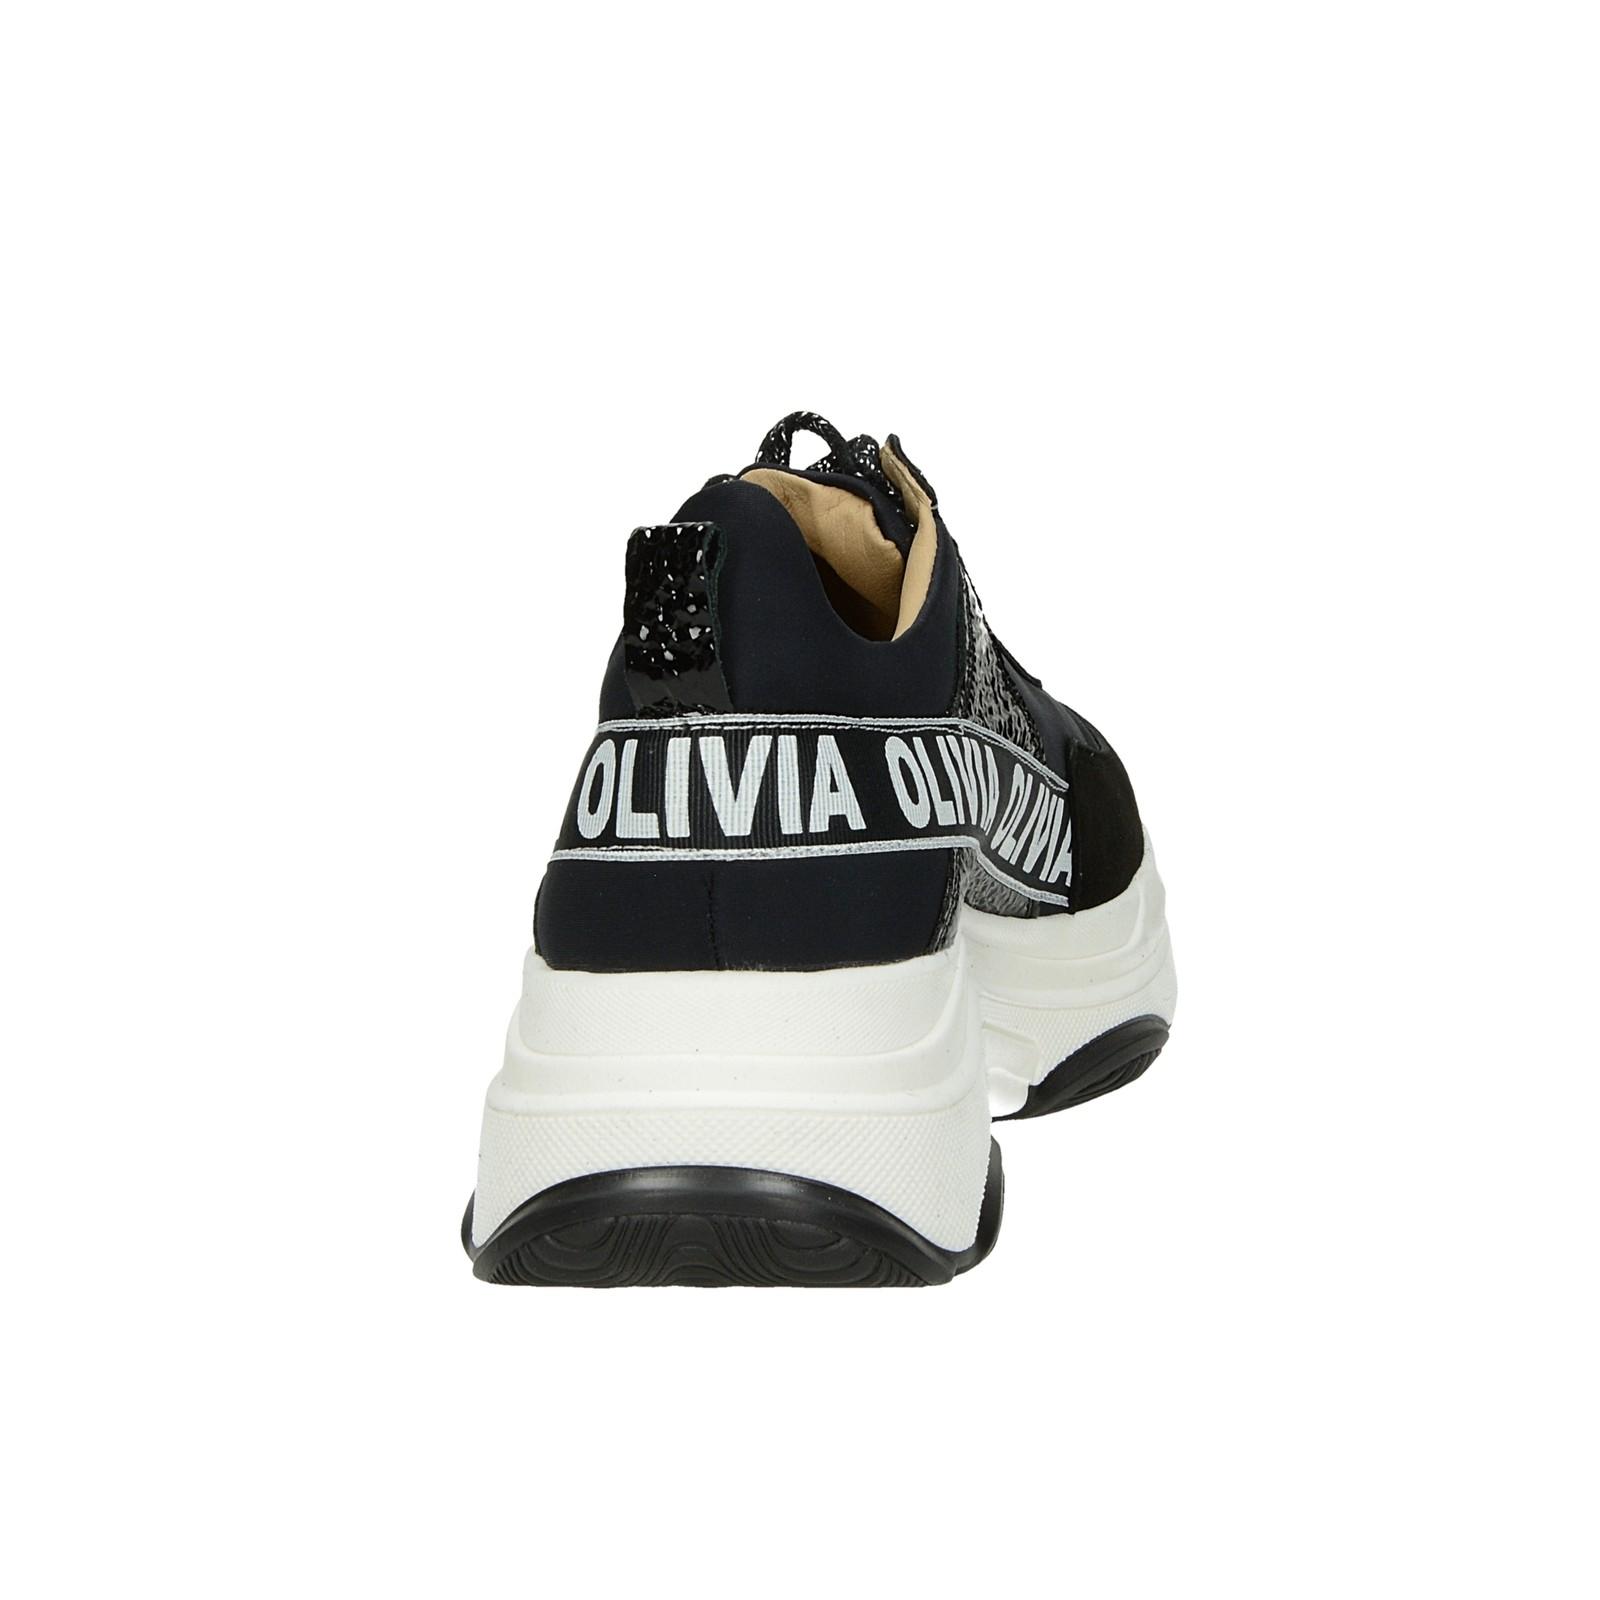 Olivia shoes dámske štýlové tenisky - čierne